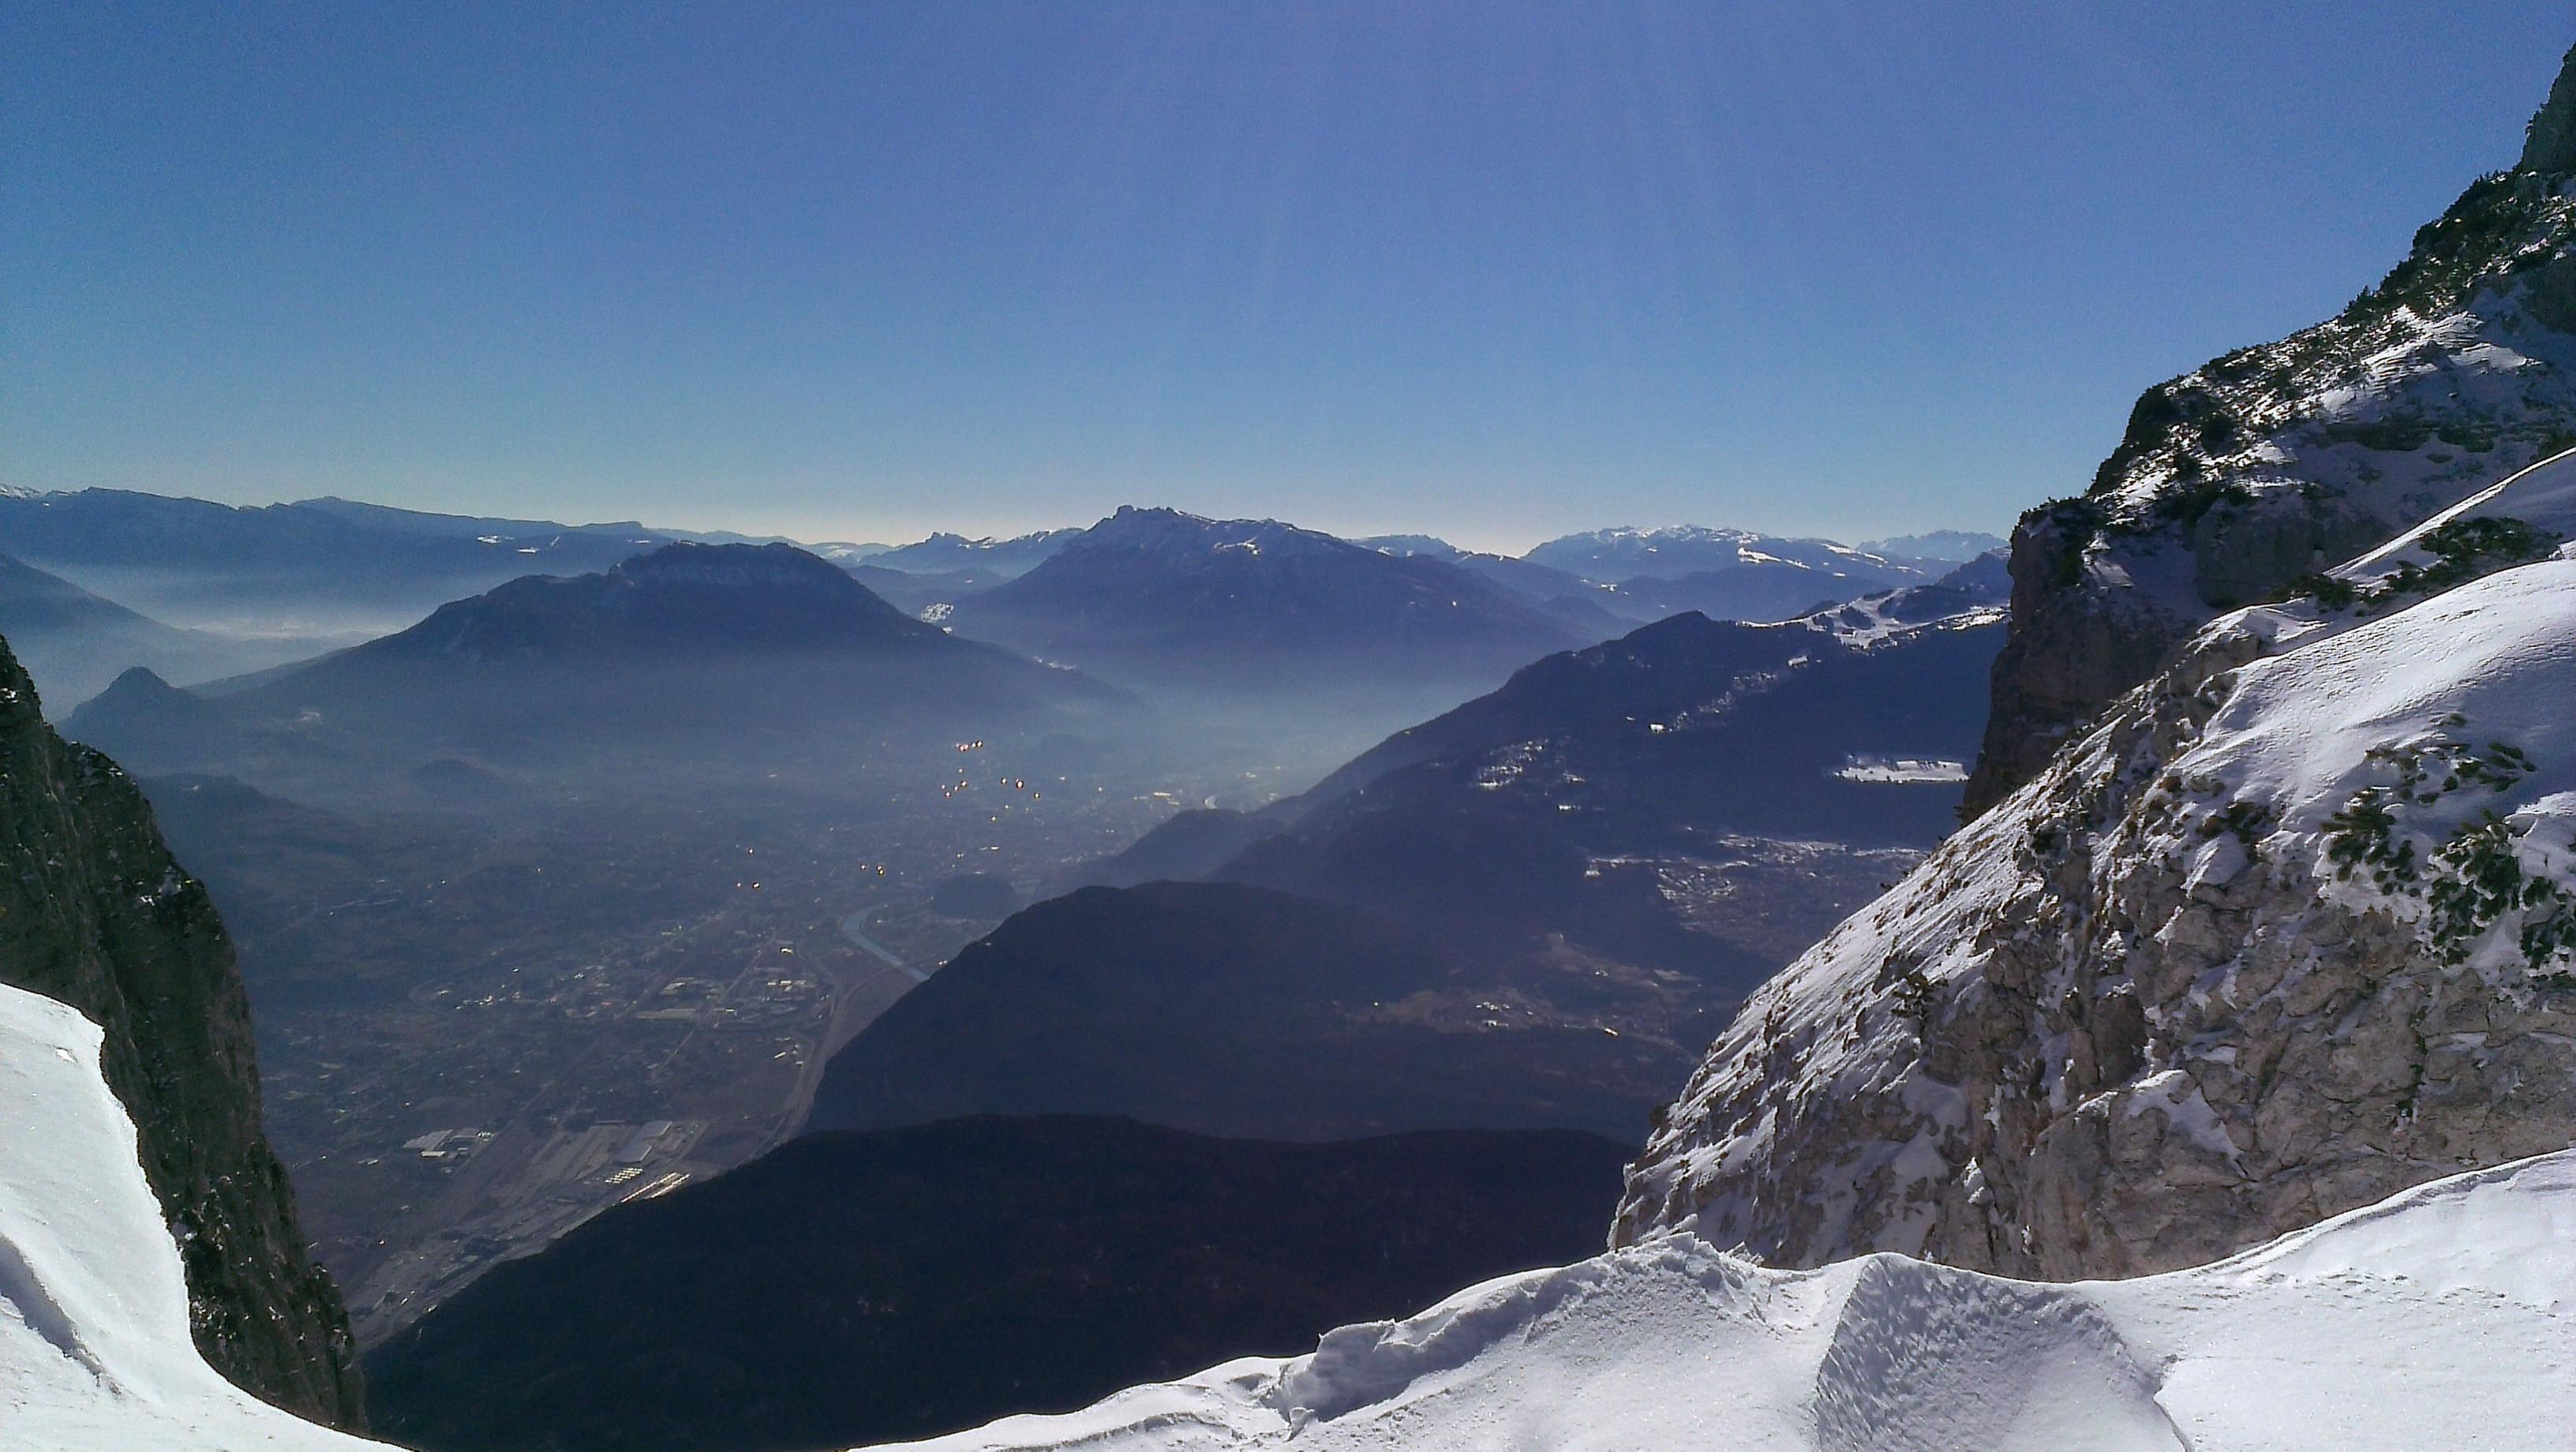 Terlago, Vallelaghi, Trentino-Alto Adige, Italia